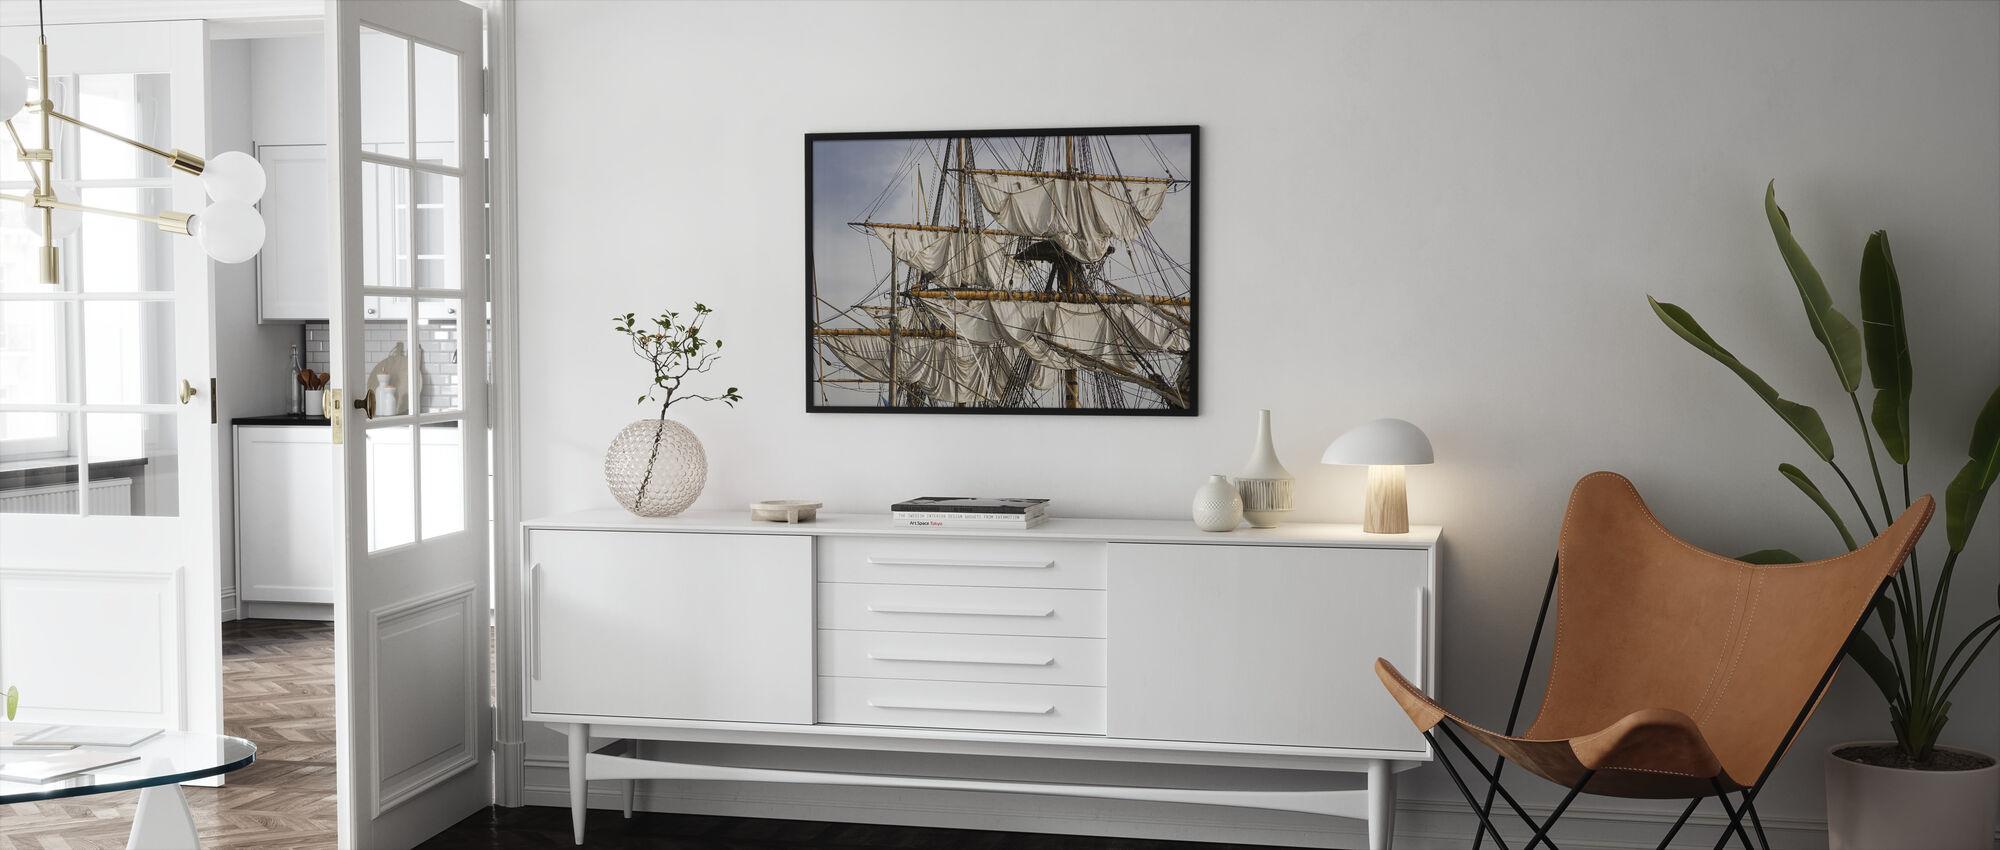 Segelfartyg - Inramad tavla - Vardagsrum